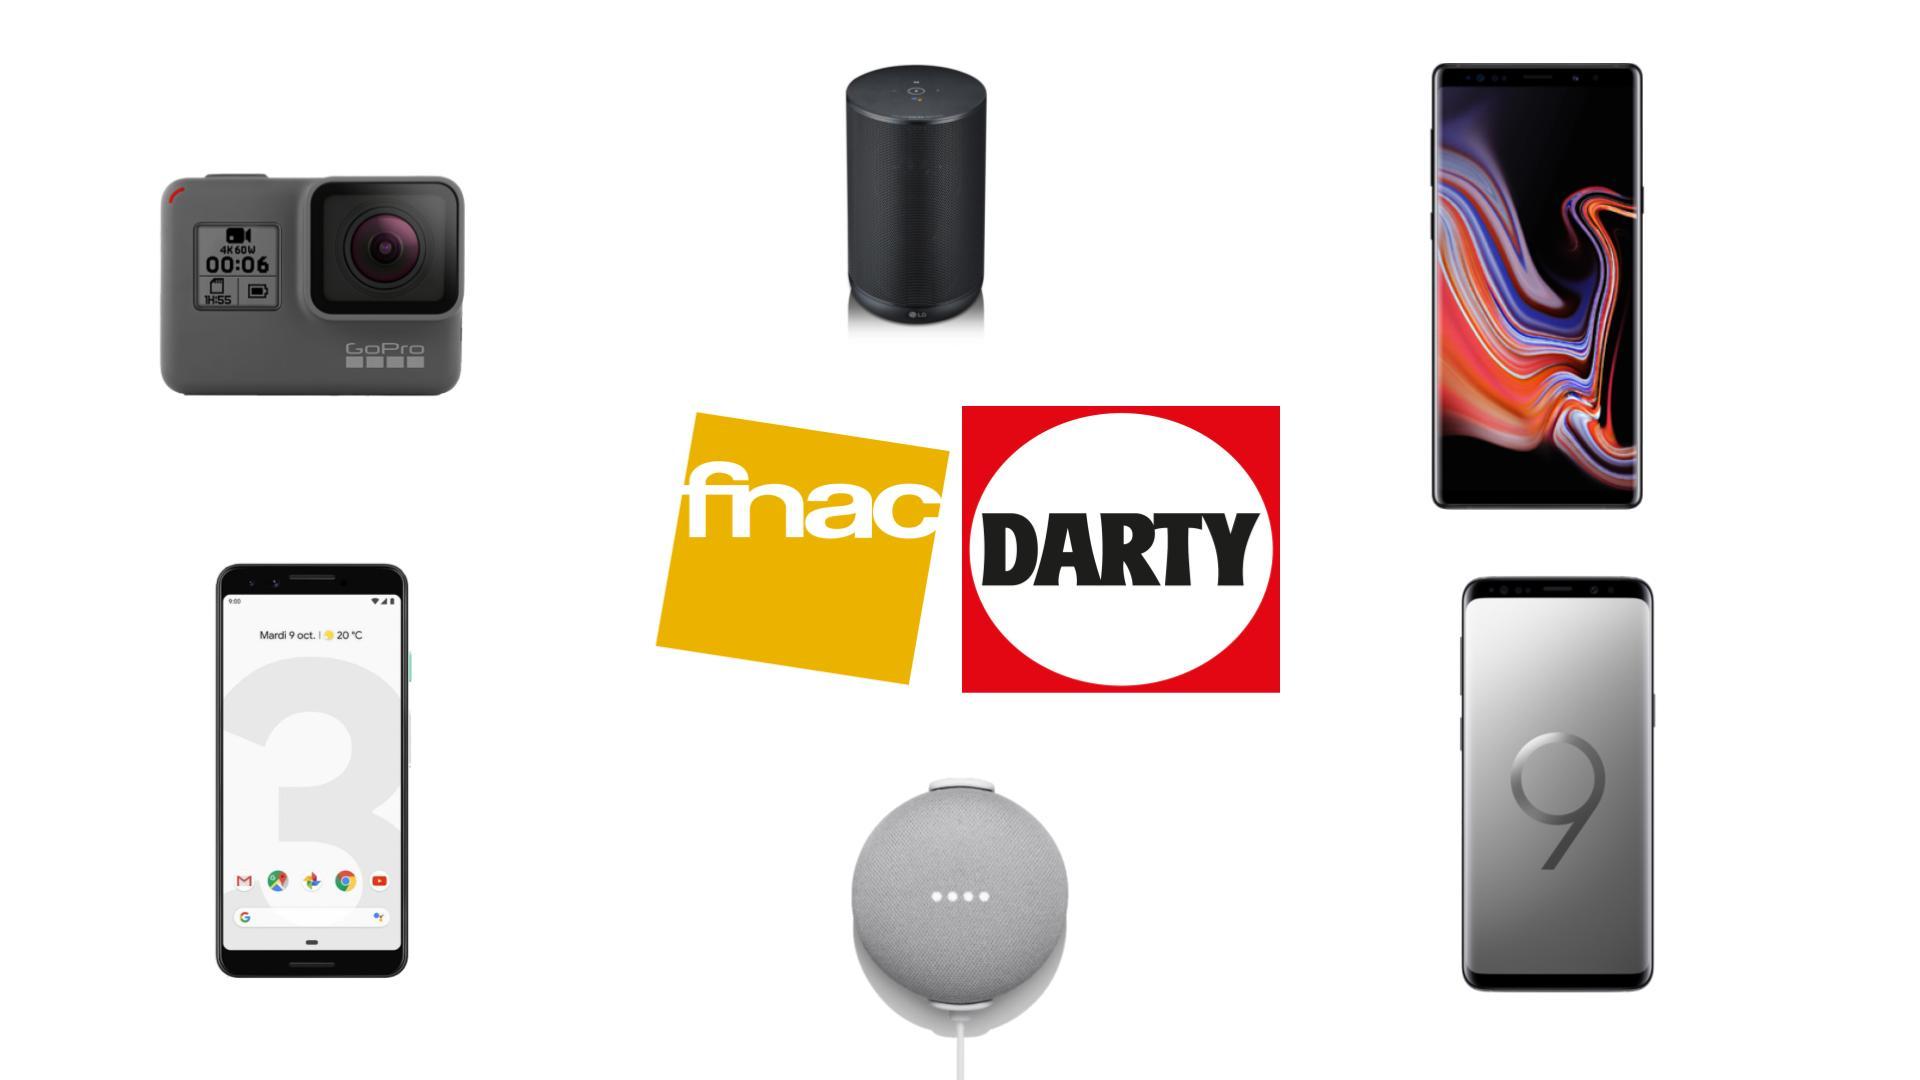 Fnac et Darty : les meilleures offres Tech des French Days 2019